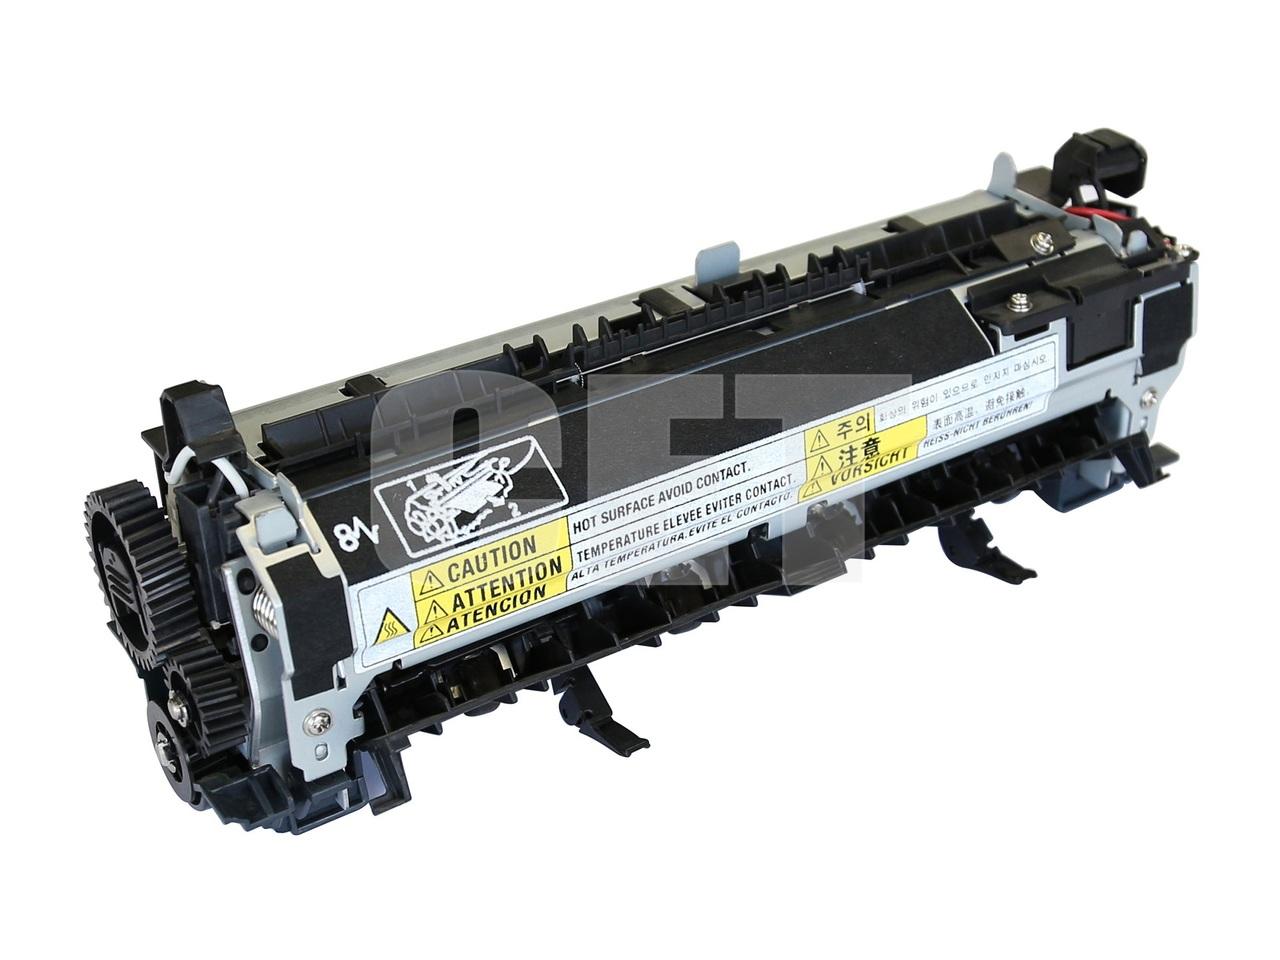 Фьюзер (печка) в сборе E6B67-67902 для HP LaserJetEnterprise M604/M605/M606 (CET), CET2789U